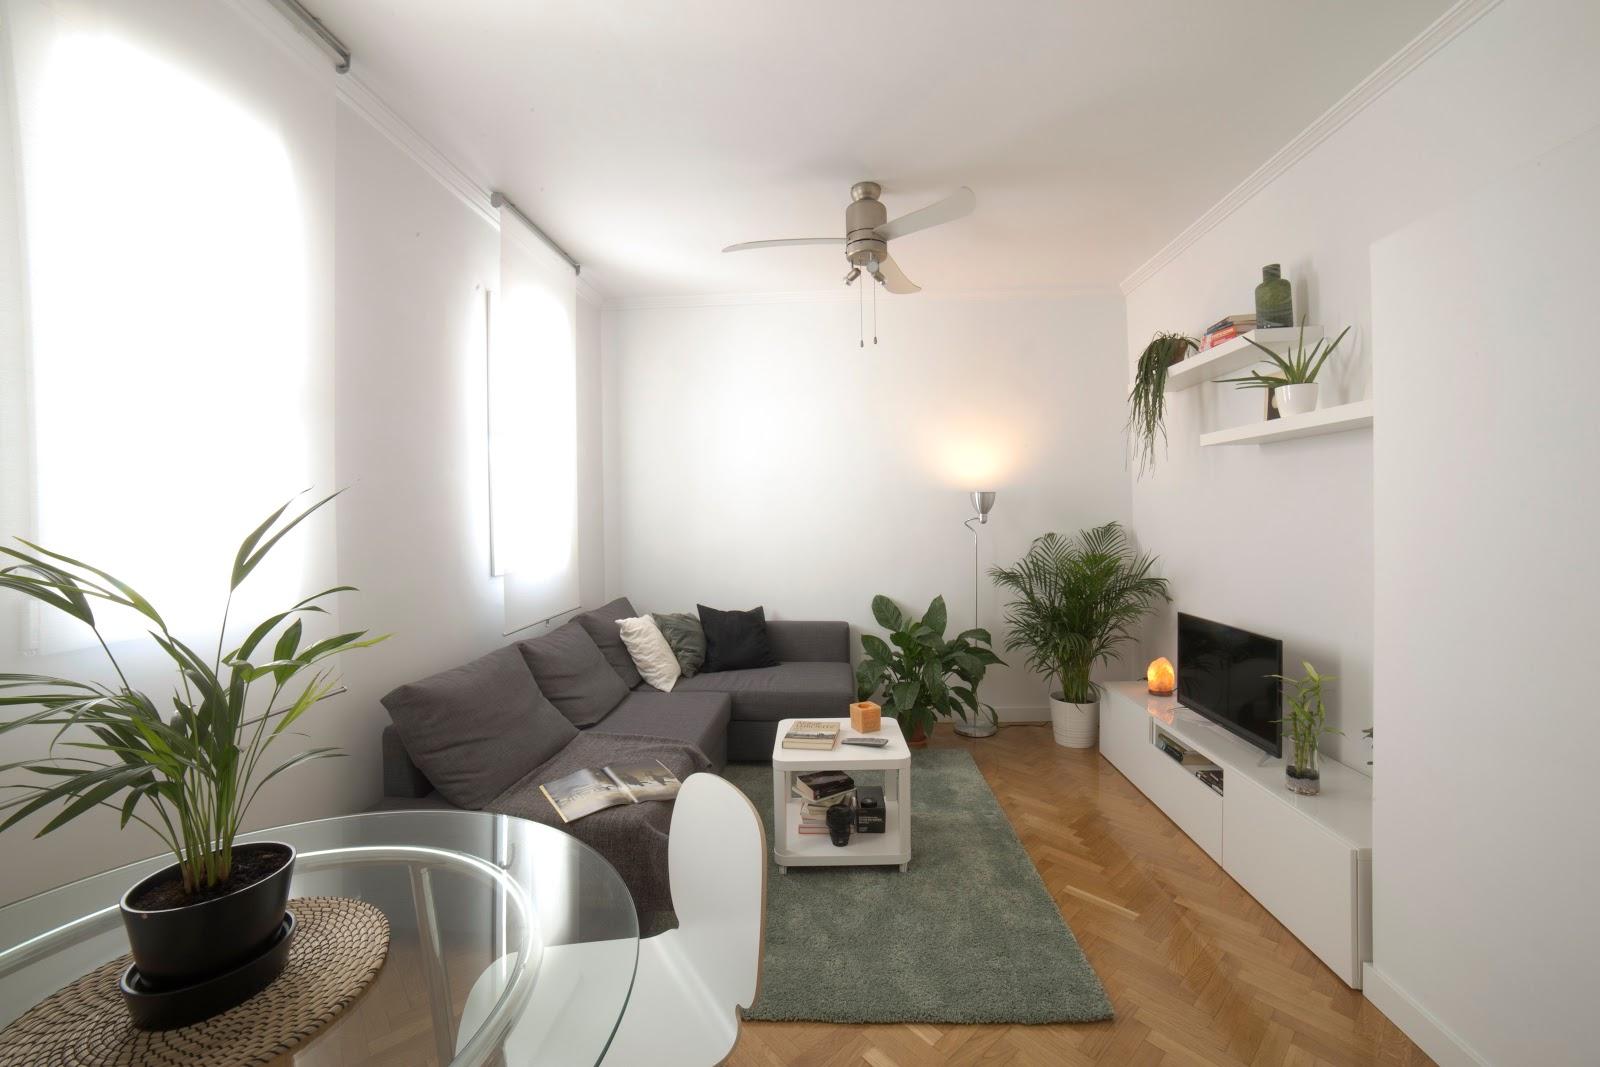 Dificilmente você irá conseguir alugar seu apartamento por um bom preço se ele estiver com uma iluminação precária. Por esse motivo, a preocupação com as luzes deve ser uma prioridade durante a decoração do apartamento que pretende alugar. Para garantir uma boa iluminação você pode apostar na instalação de luminárias simples e discretas, lâmpadas econômicas e spots. Além disso, procure valorizar a iluminação natural através das janelas e de cores mais claras nas paredes.